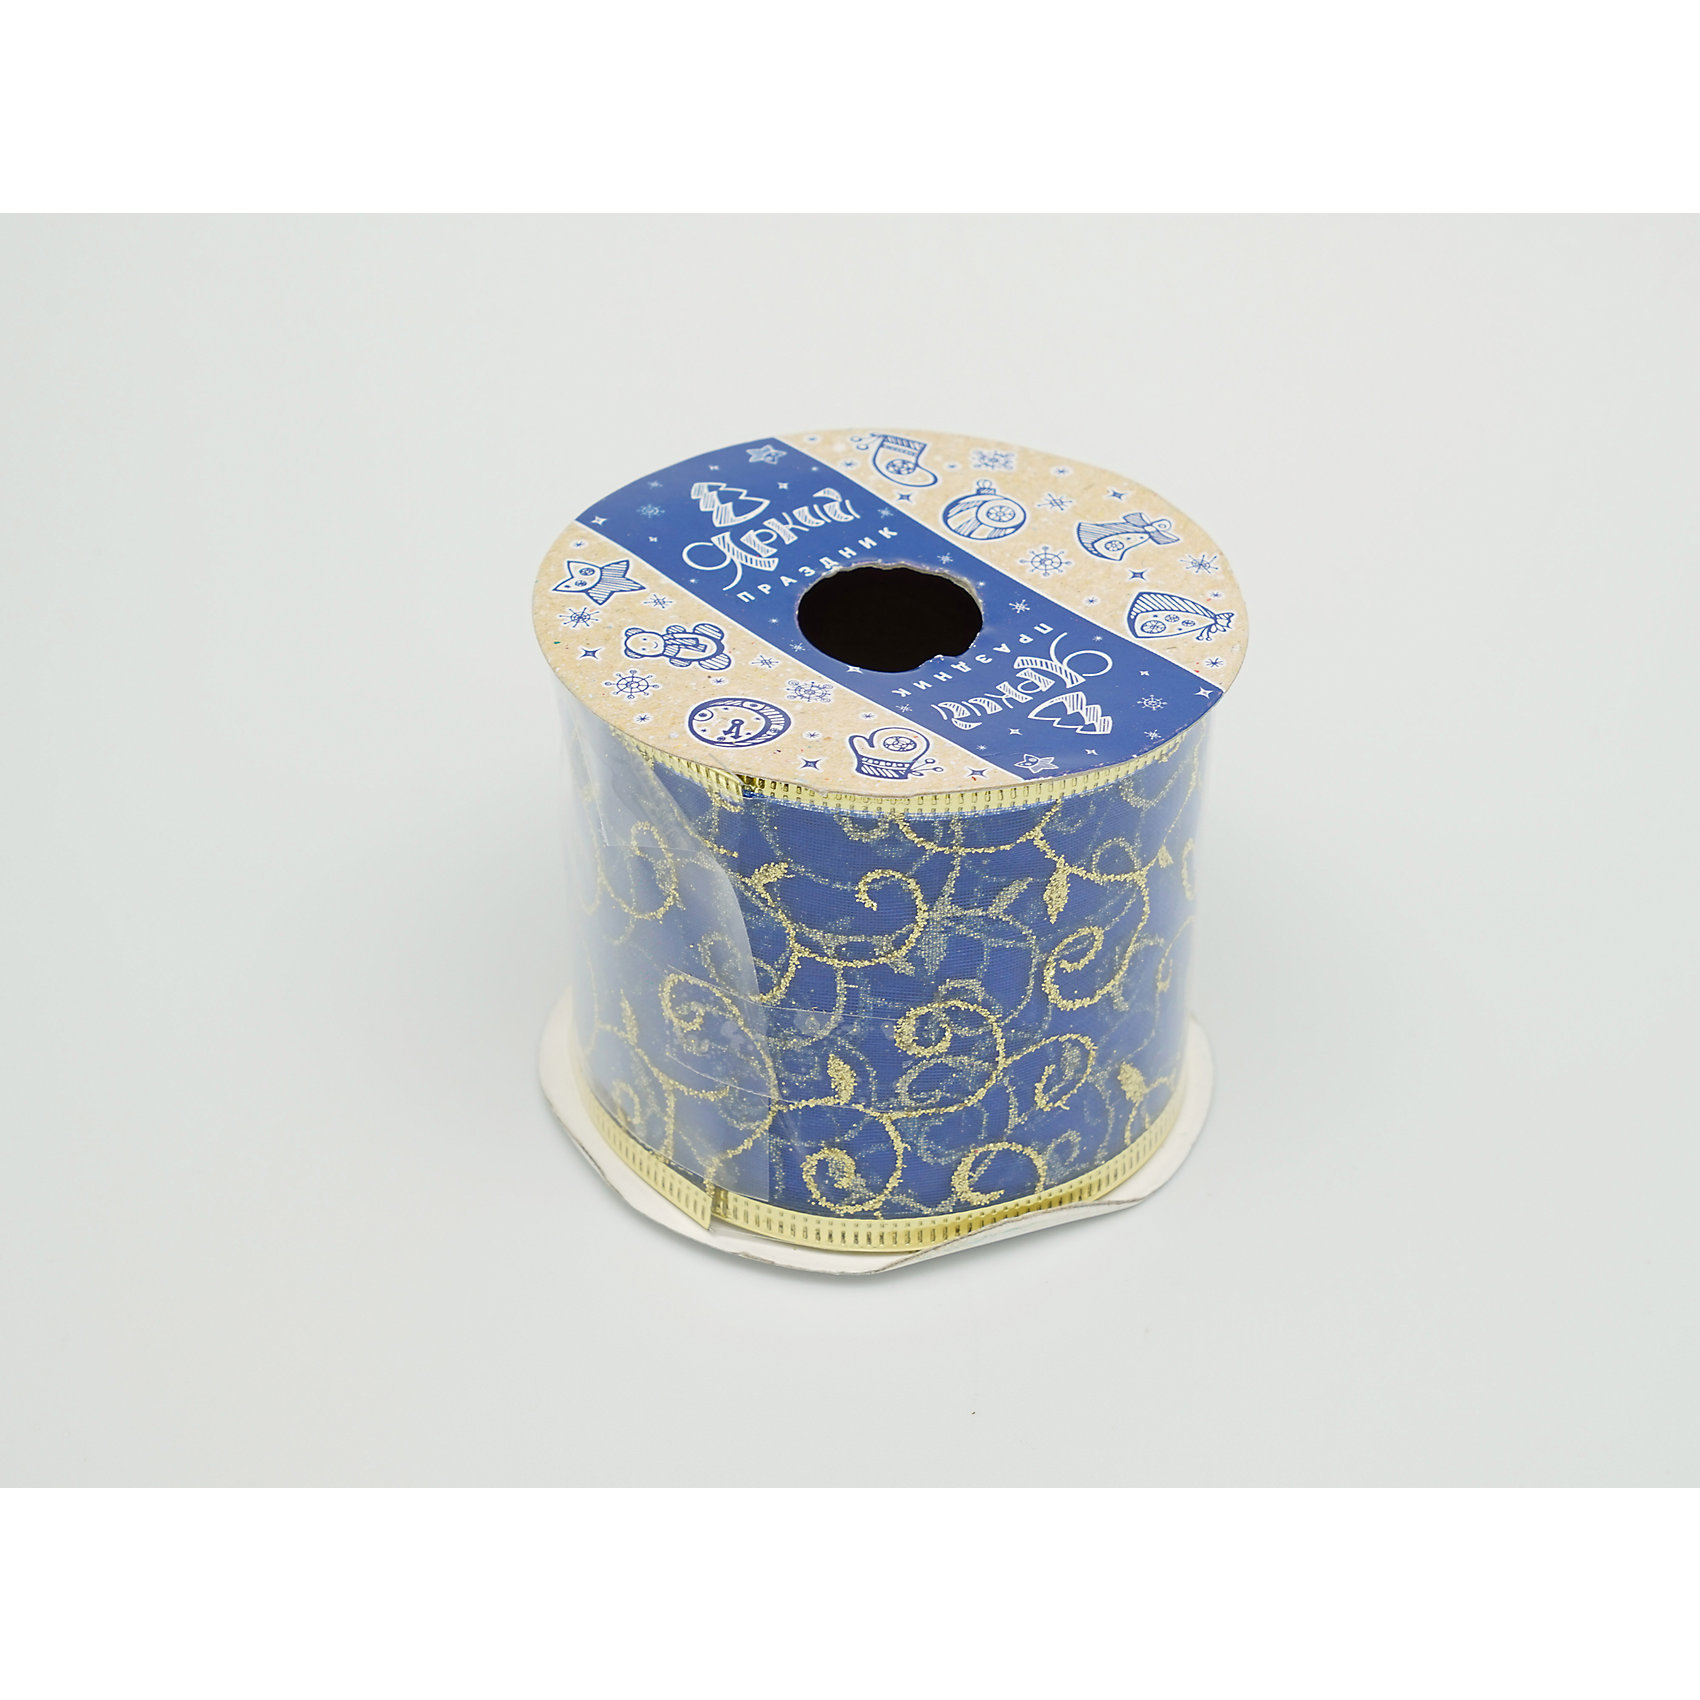 Декоративная лента, синяя (0,08Х0,08Х0,06 м)Характеристики товара:<br><br>• цвет: синий<br>• золотистые включения<br>• ширина: 6 см<br>• размер упаковки: 8х8х6 см<br>• комплектация: 1 рулон<br>• материал: нейлон<br>• полупрозрачная<br>• для украшения интерьера или подарков<br>• страна производства: Китай<br><br>Бант из ленты - это универсальное украшение, он добавит торжественности и духа праздника прическе, интерьеру, подарочной упаковке, ёлке! Это украшение будет отлично смотреться в окружении любой цветовой гаммы, оно качественно выполнено и нарядно смотрится. С помощью такой ленты можно оригинально украсить ёлку к празднику и декорировать пакет или коробку с подарком.<br>Такие небольшие детали и создают праздник! От них во многом зависит хорошее новогоднее настроение. Изделие производится из качественных сертифицированных материалов, безопасных даже для самых маленьких.<br><br>Декоративную ленту (0,08Х0,08Х0,06м) можно купить в нашем интернет-магазине.<br><br>Ширина мм: 80<br>Глубина мм: 80<br>Высота мм: 60<br>Вес г: 70<br>Возраст от месяцев: 72<br>Возраст до месяцев: 480<br>Пол: Унисекс<br>Возраст: Детский<br>SKU: 5051654